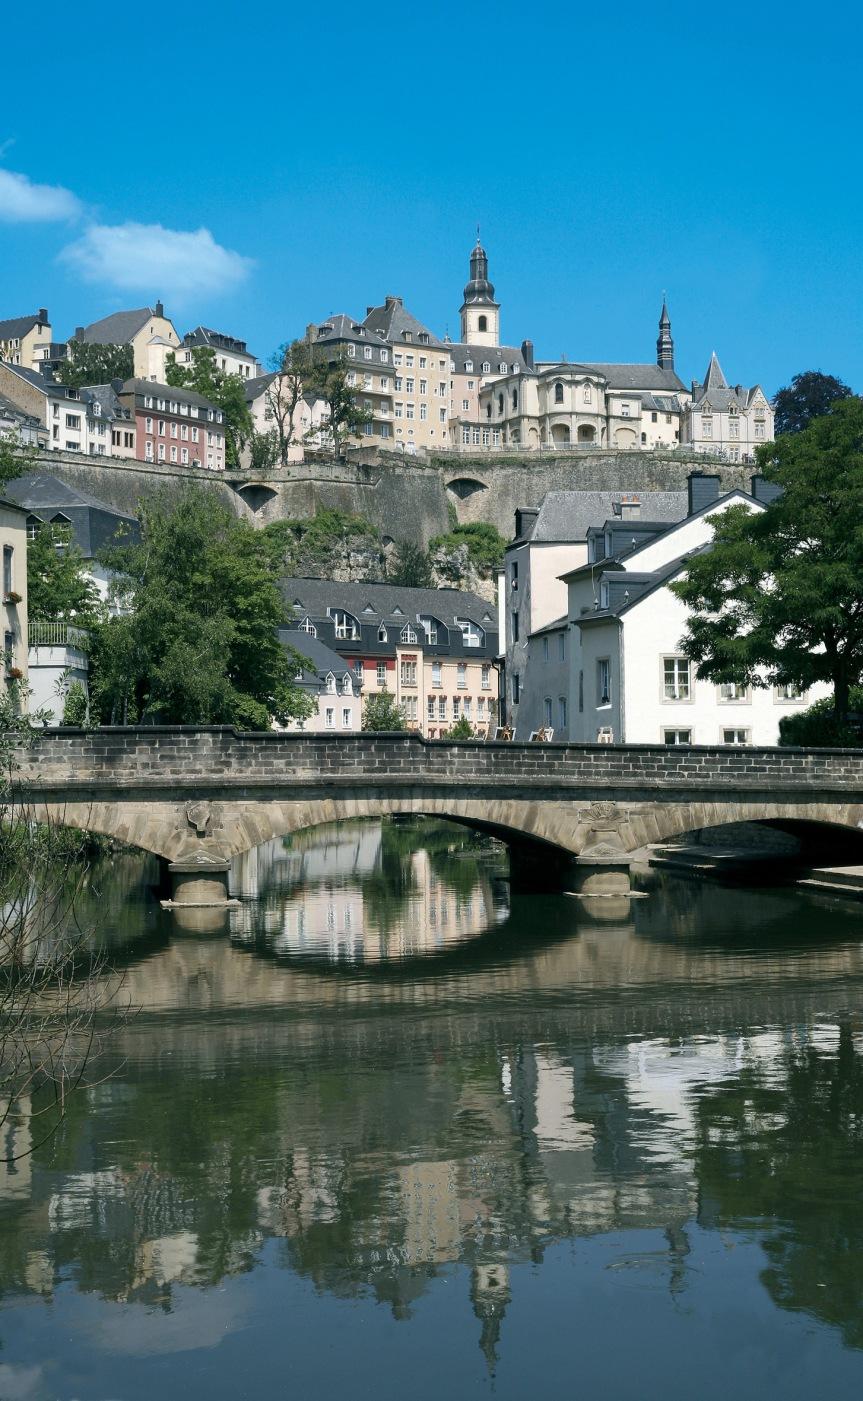 Bilderreise durch Luxemburg